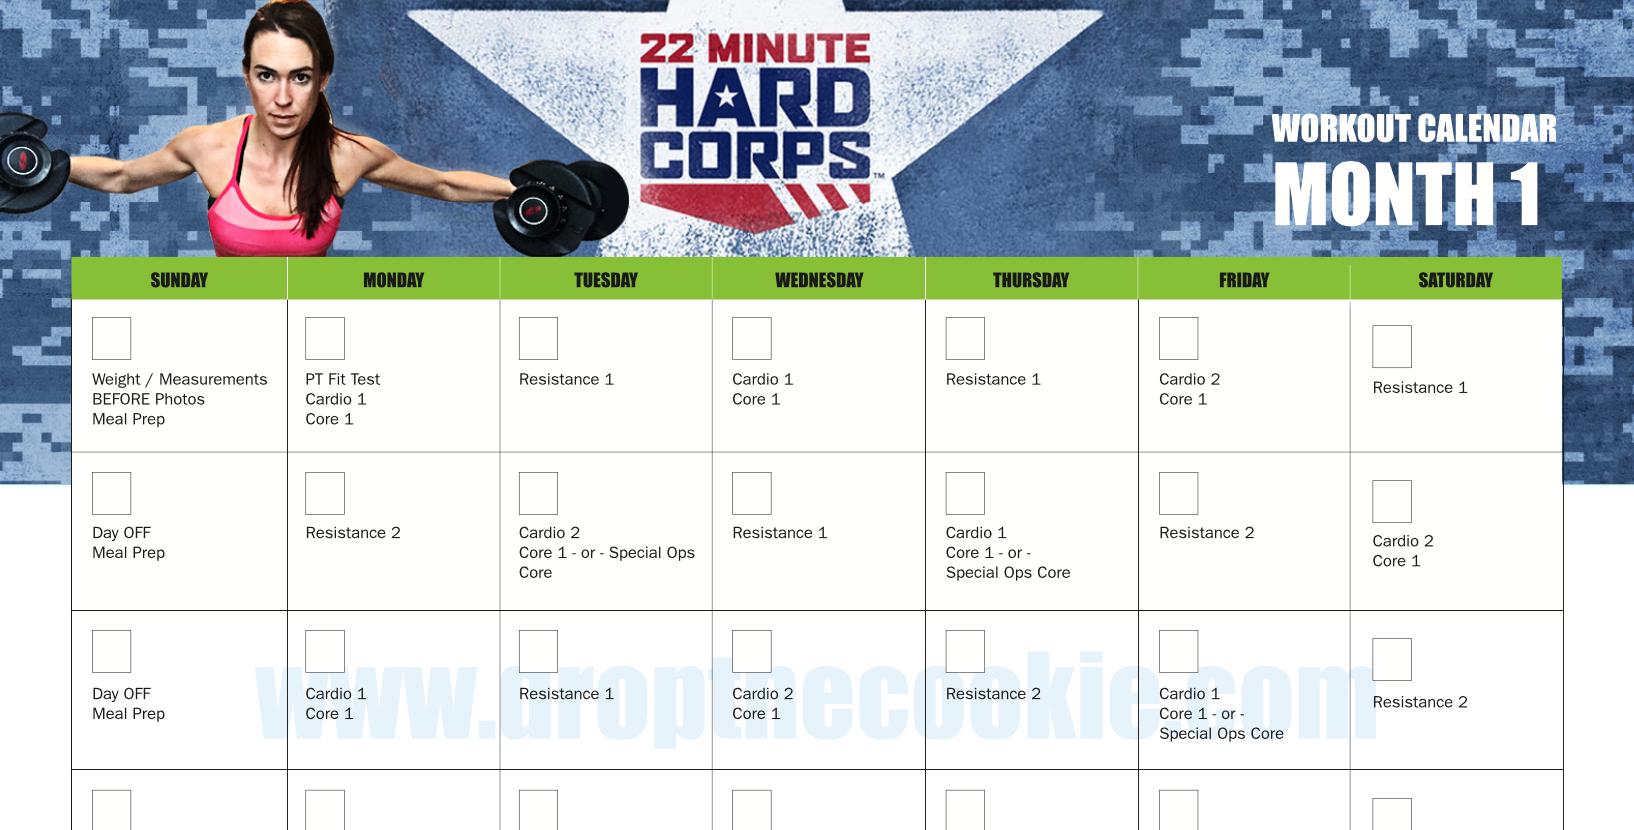 22 Minute Hard Corps Workout Calendar | Elizabeth Hartke